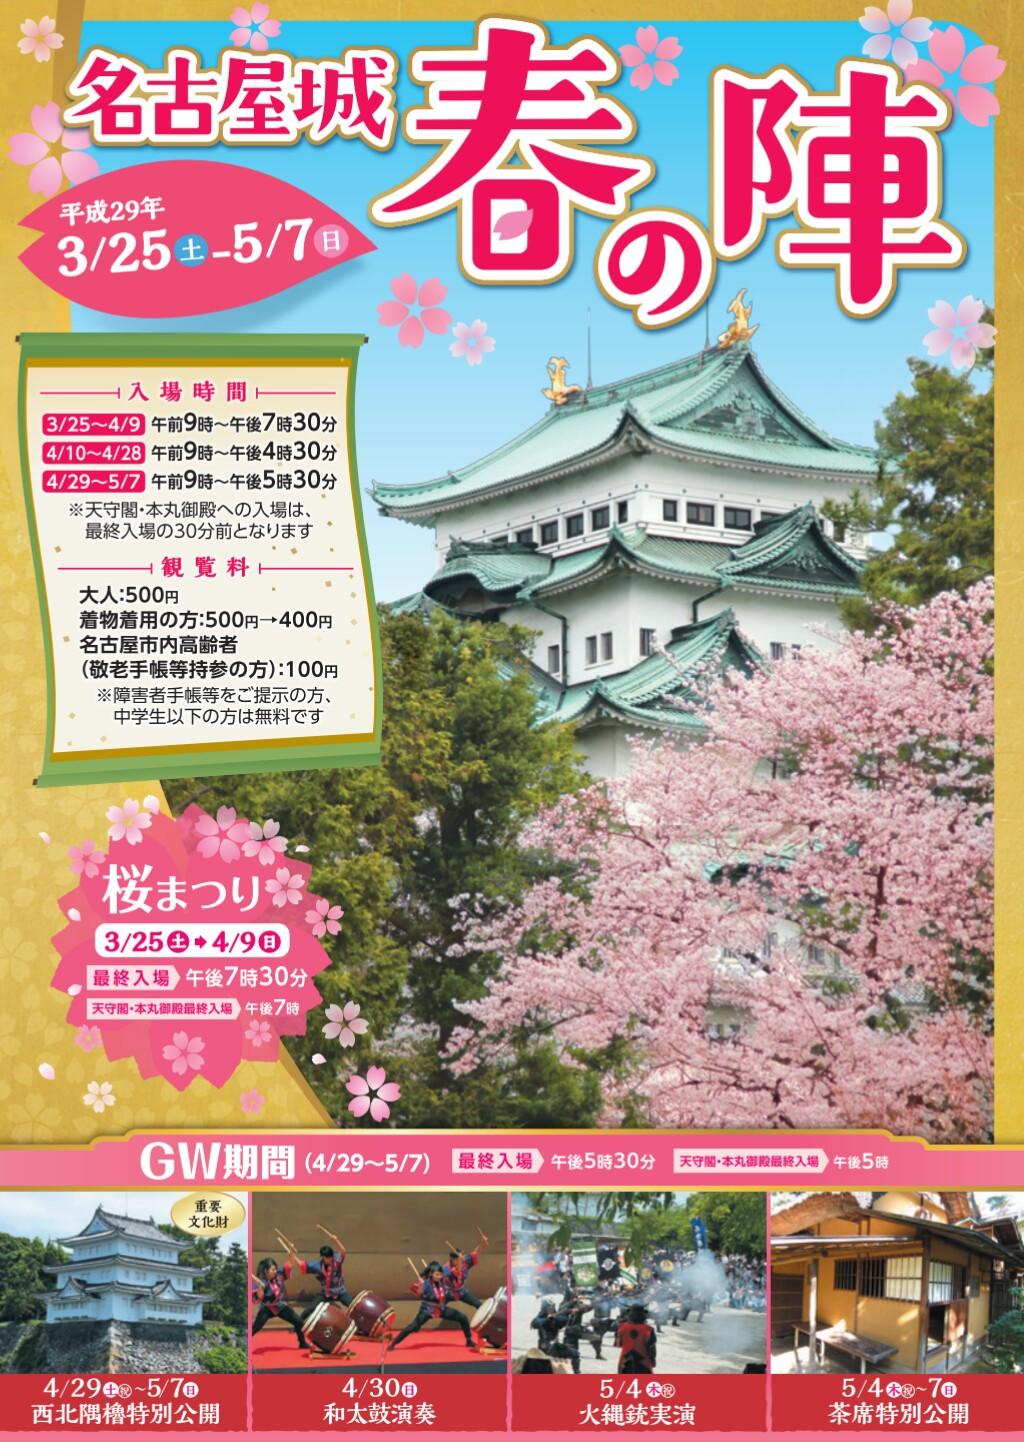 名古屋城 春の陣2017に出演します!_f0373339_1451366.jpg